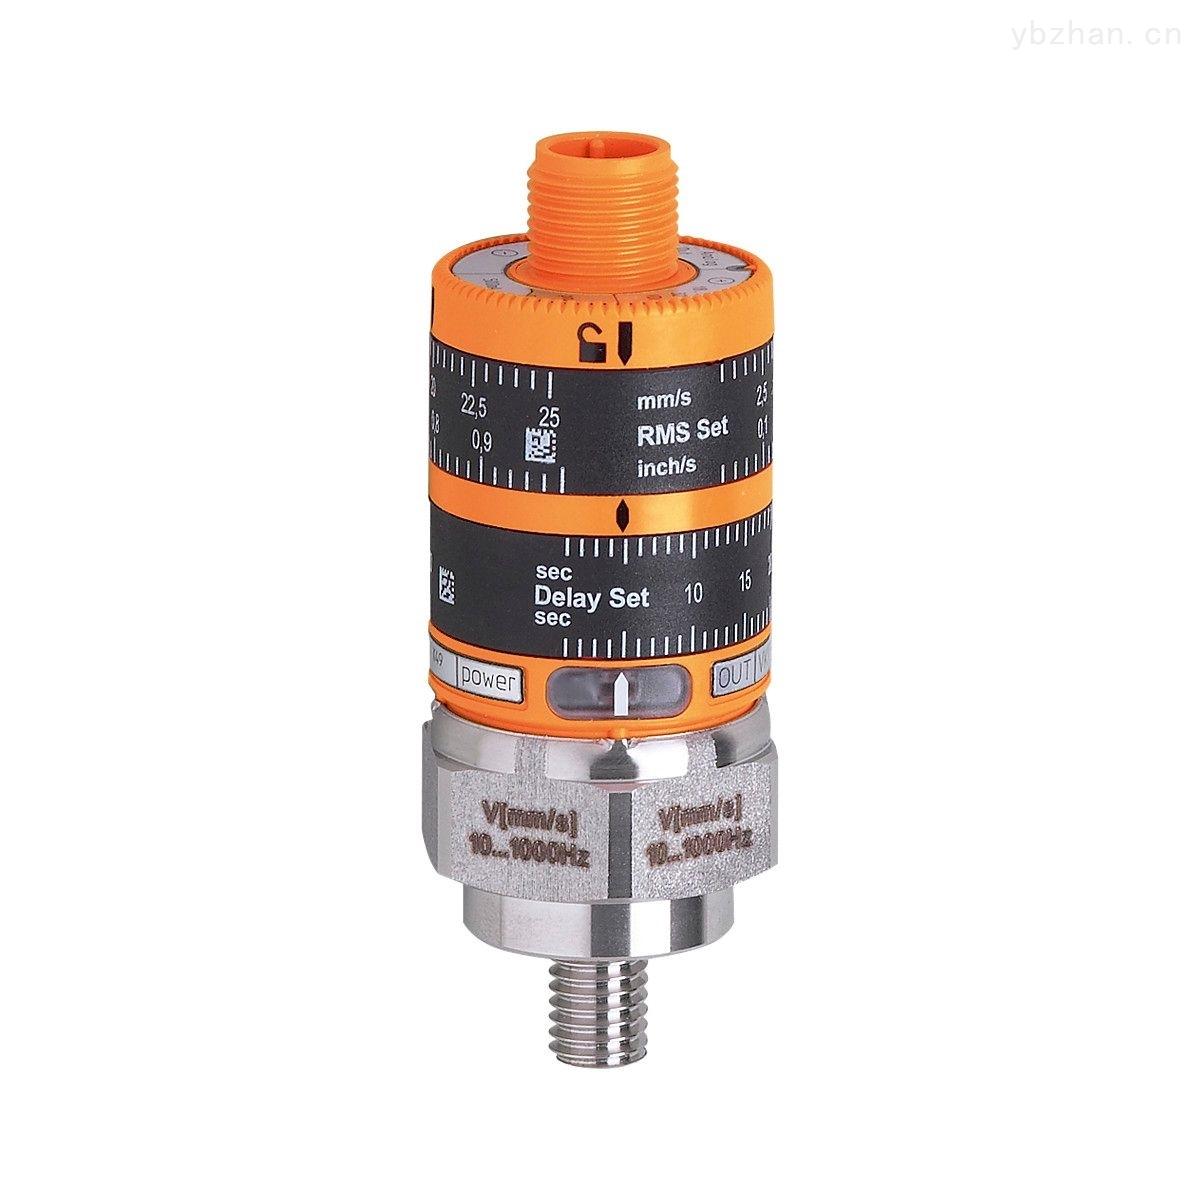 振动传感器VKV022,IFM用于监控及诊断的系统